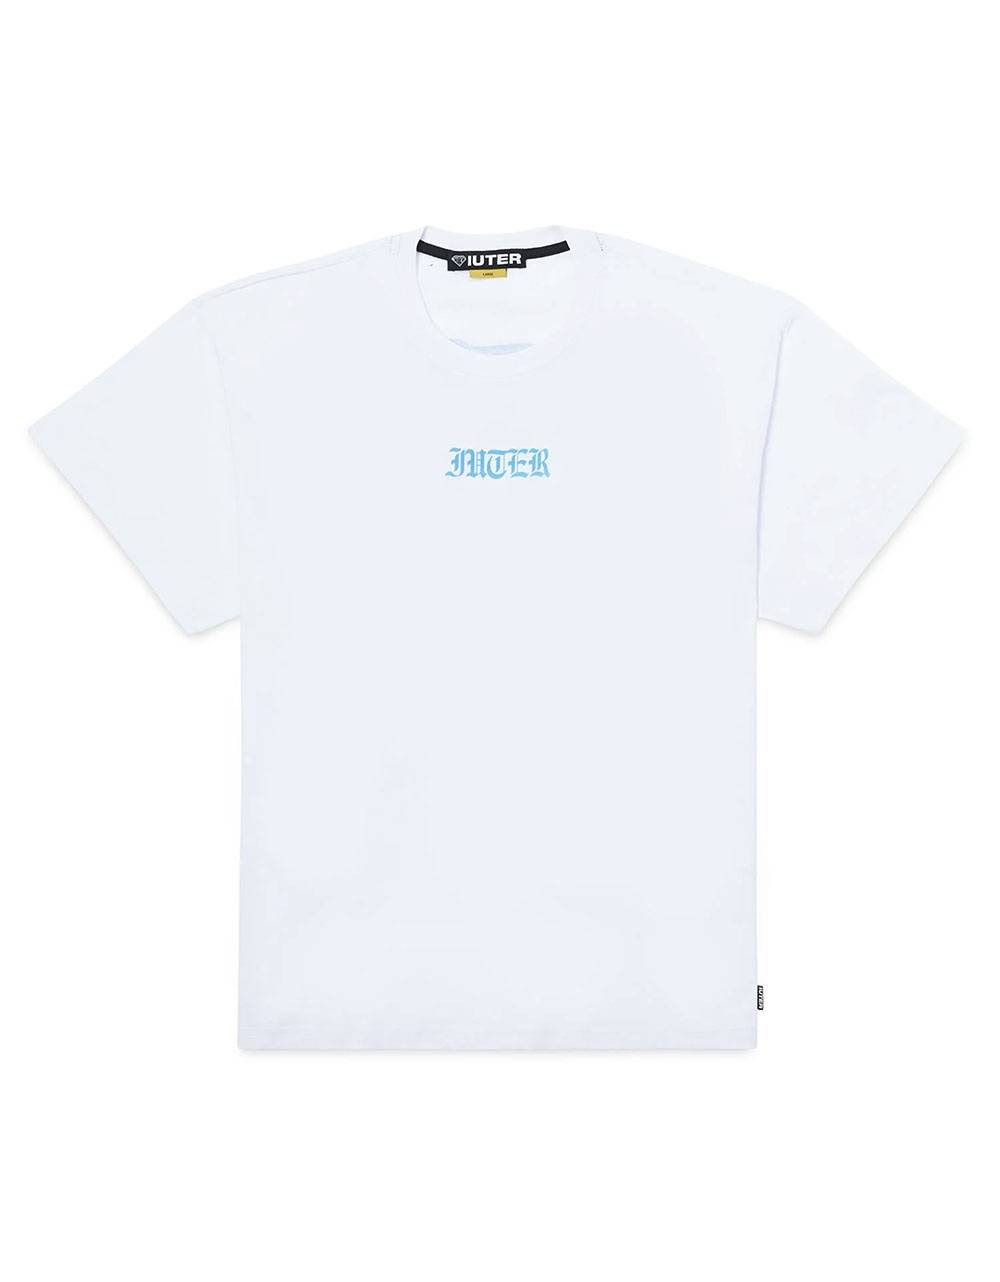 Iuter Noone tee - White IUTER T-shirt 45,00€